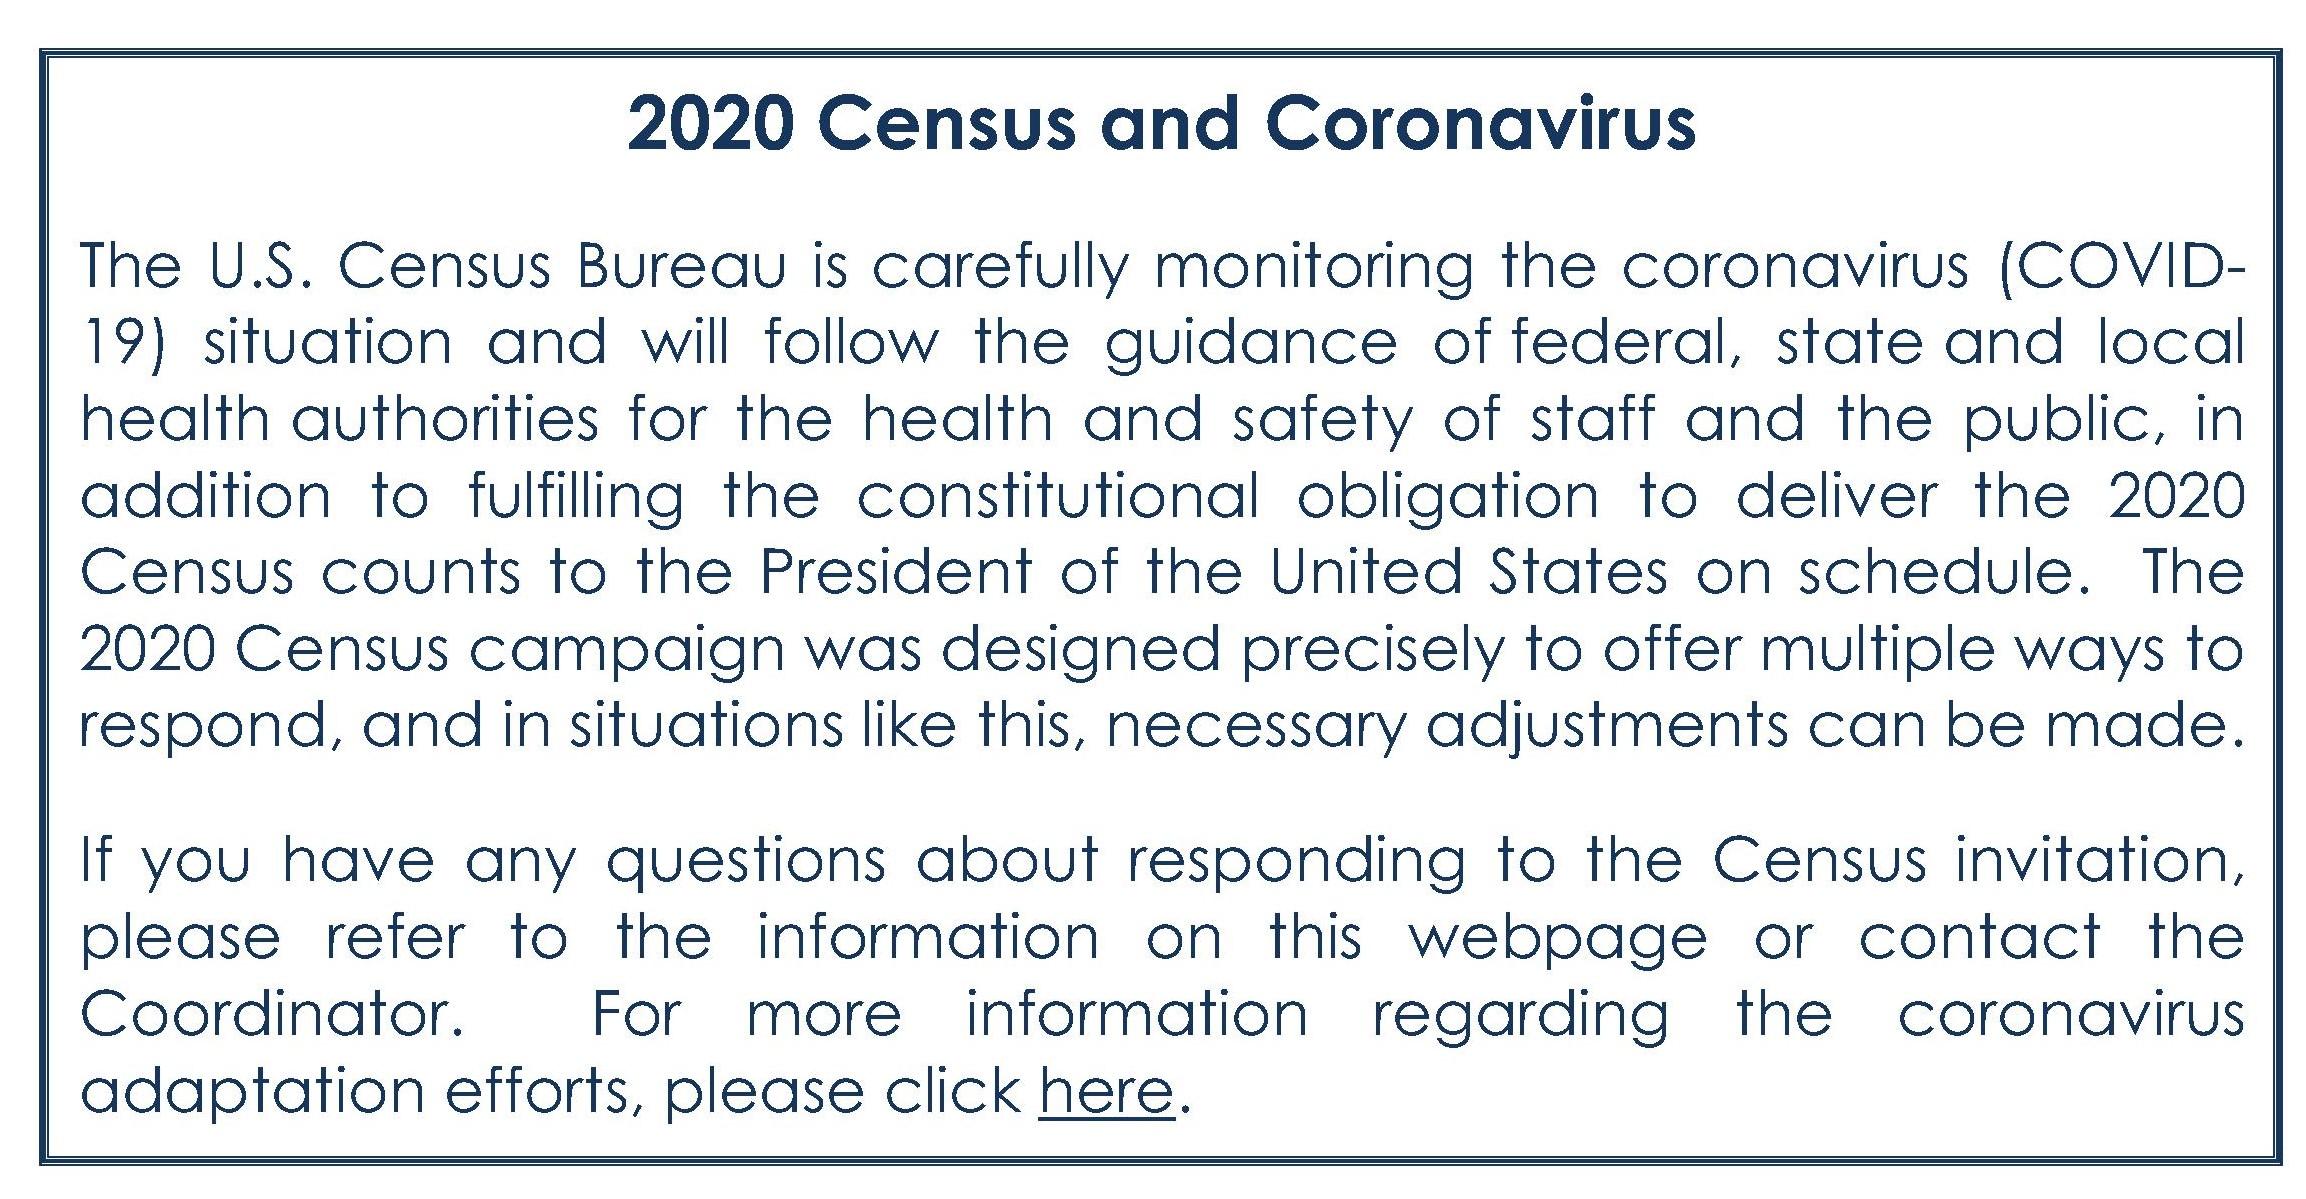 2020 Census and Coronavirus